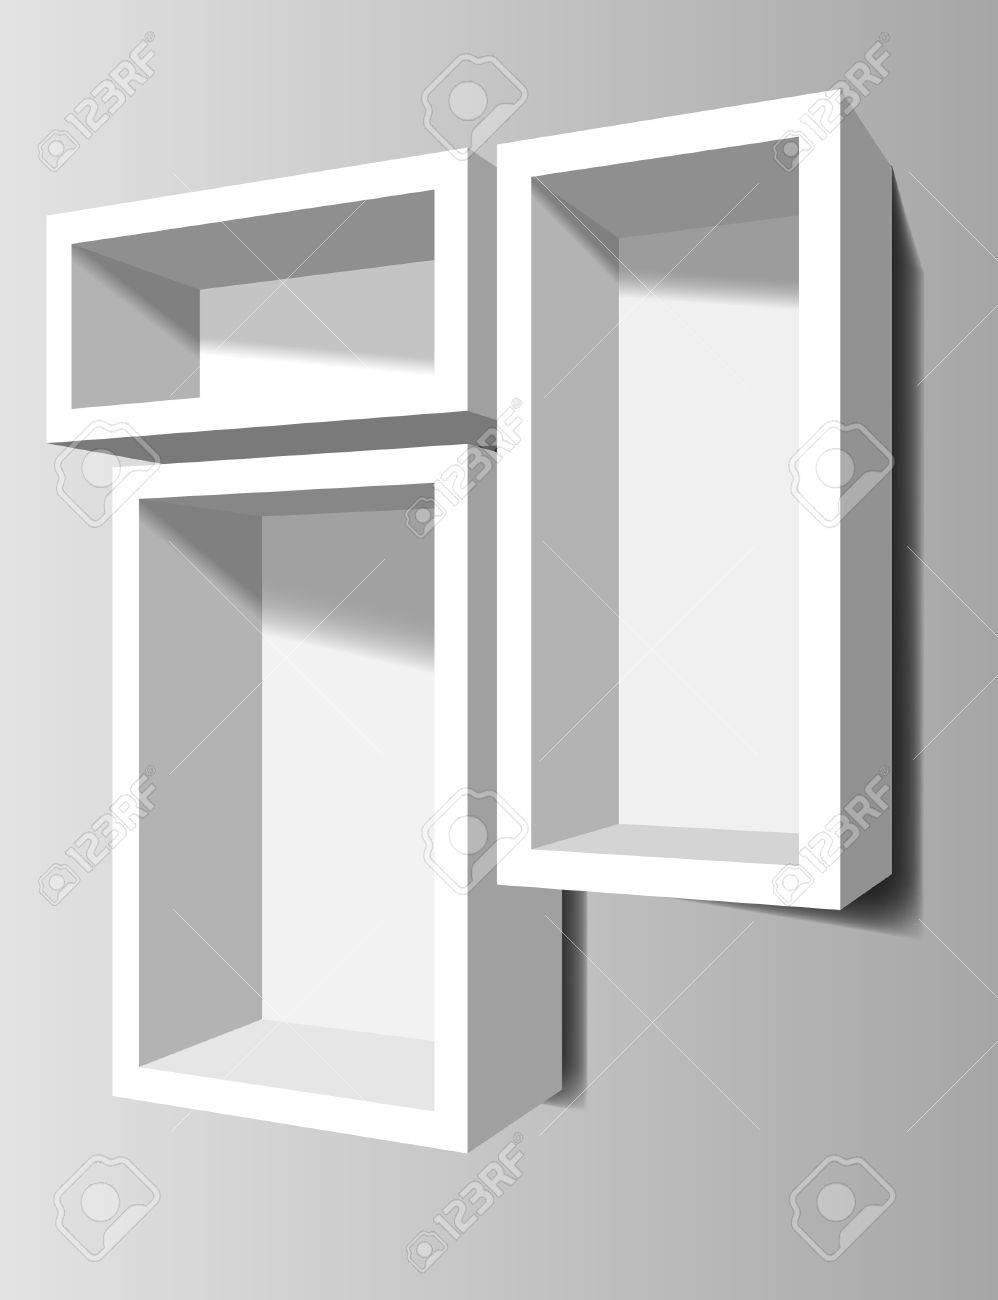 estantes blancos en la pared foto de archivo